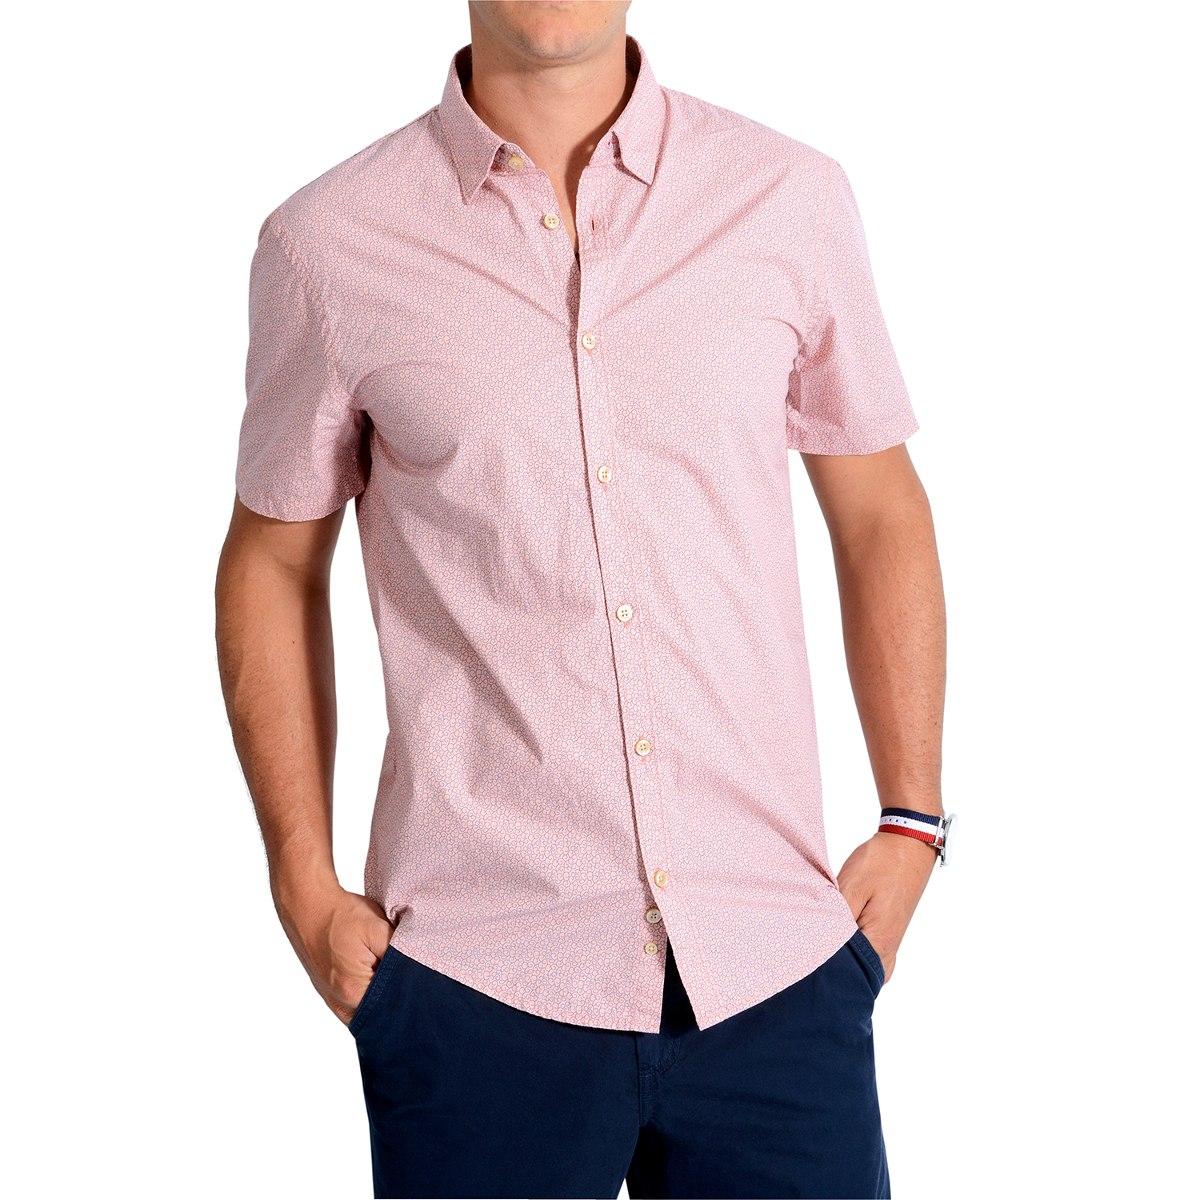 665c35fca Camisa Manga Corta Murray Color Siete Para Hombre - Rosa -   109.900 ...